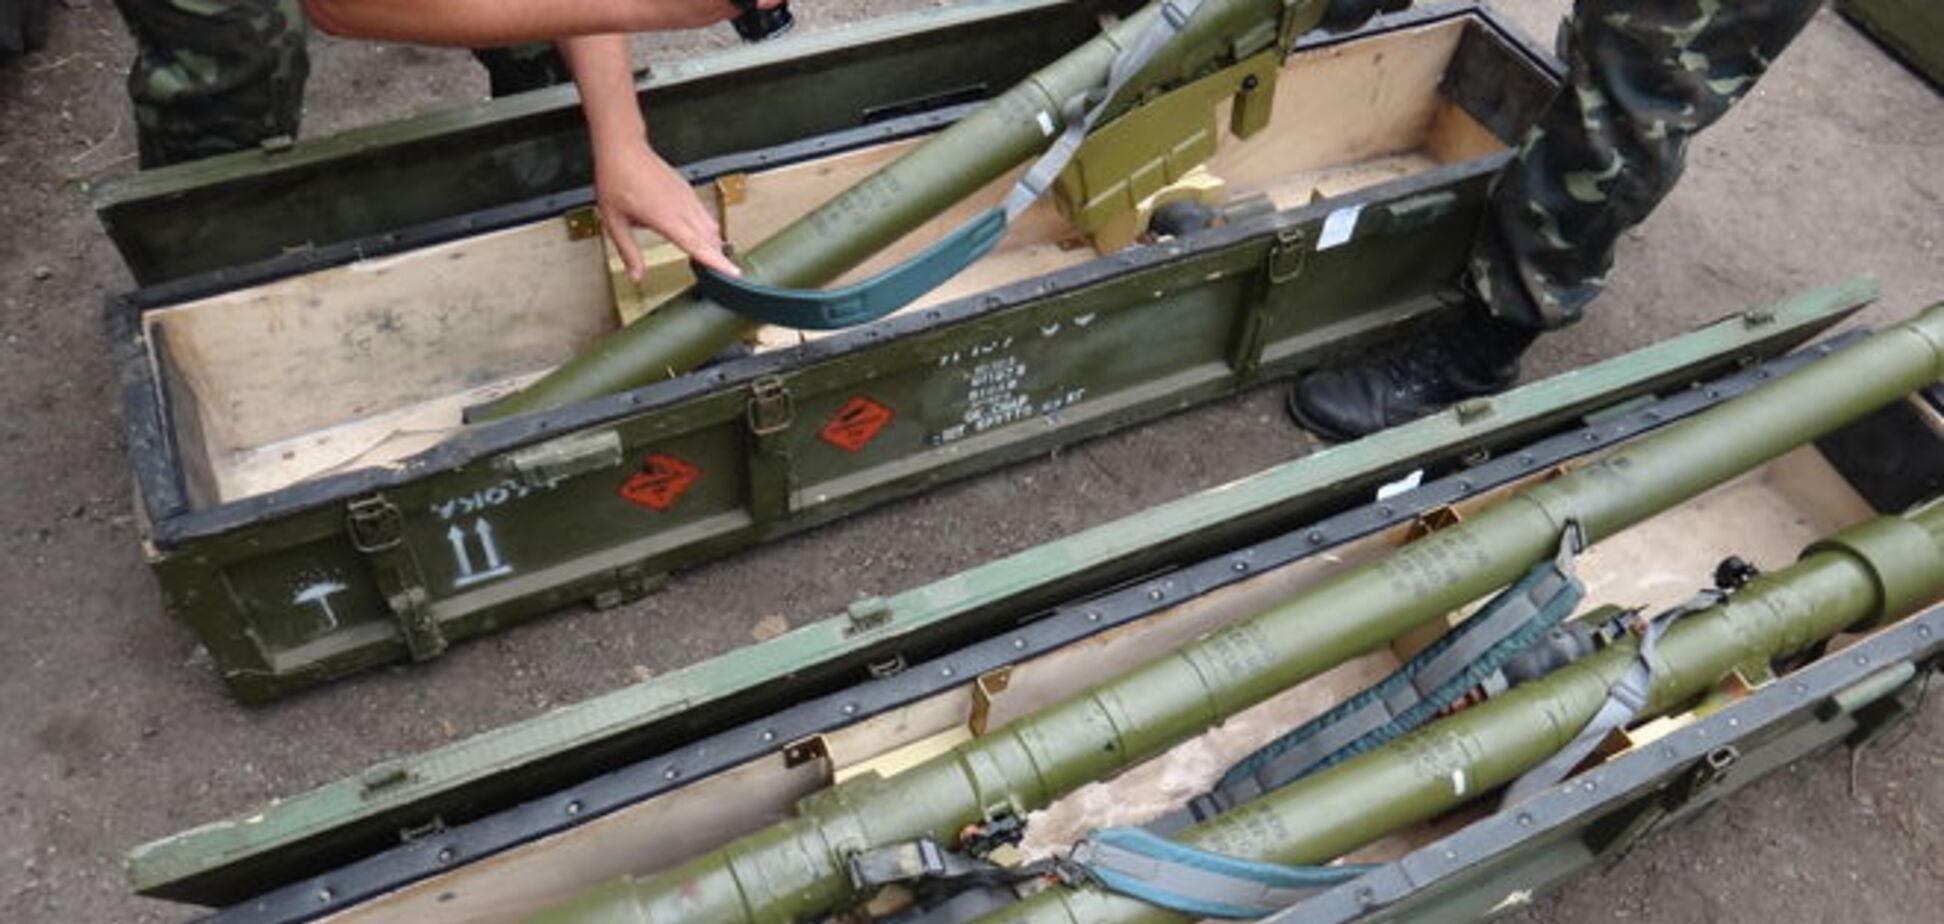 На Донетчине обнаружены тайники террористов с российским оружием